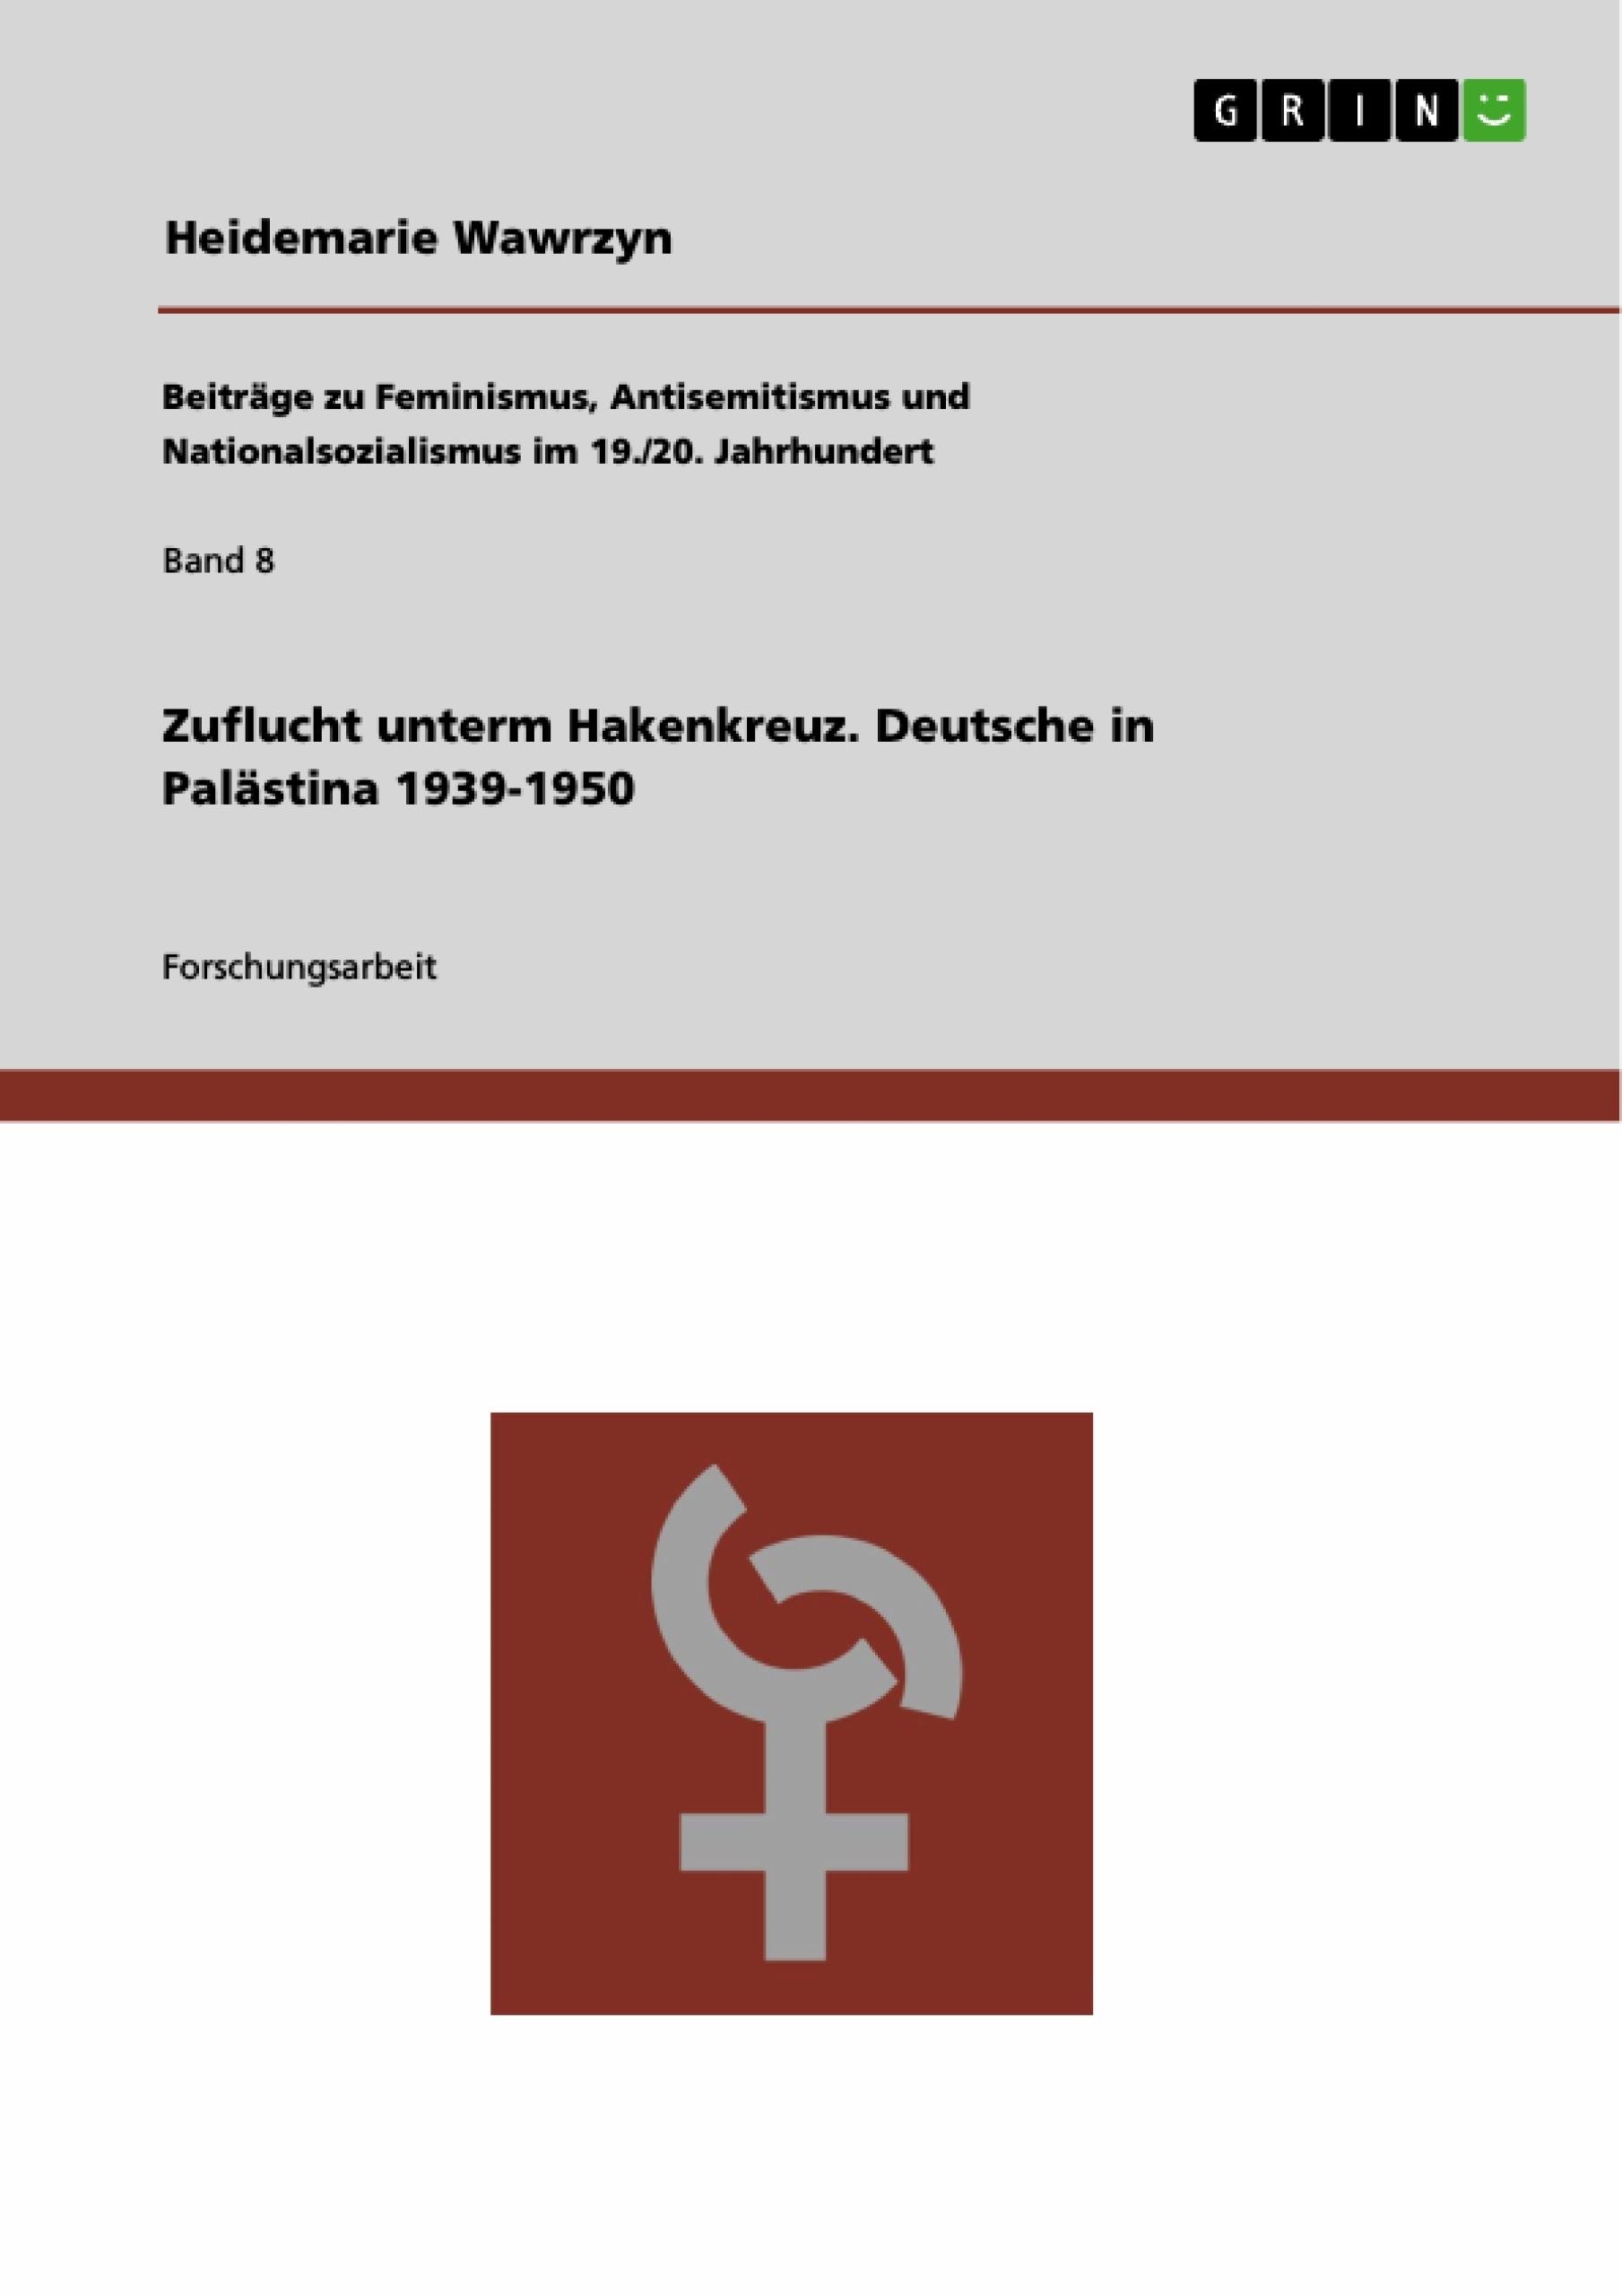 Titel: Zuflucht unterm Hakenkreuz. Deutsche in Palästina 1939-1950